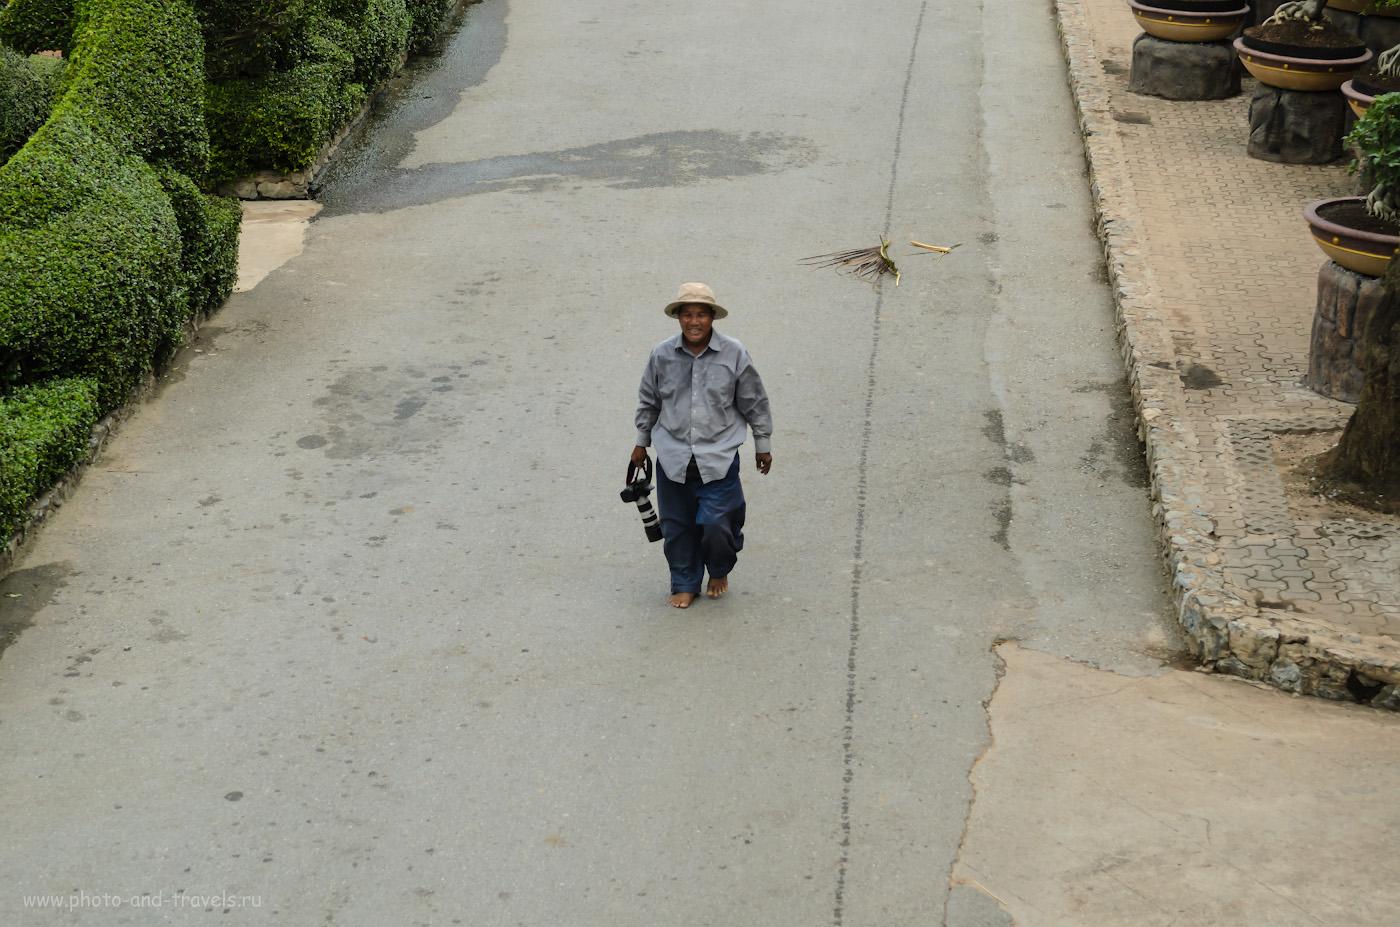 12. Хотите заказать фотосессию в Паттайе? Фотограф в ботаническом саду Нонг Нуч. Отчет о самостоятельном путешествии в Таиланд.